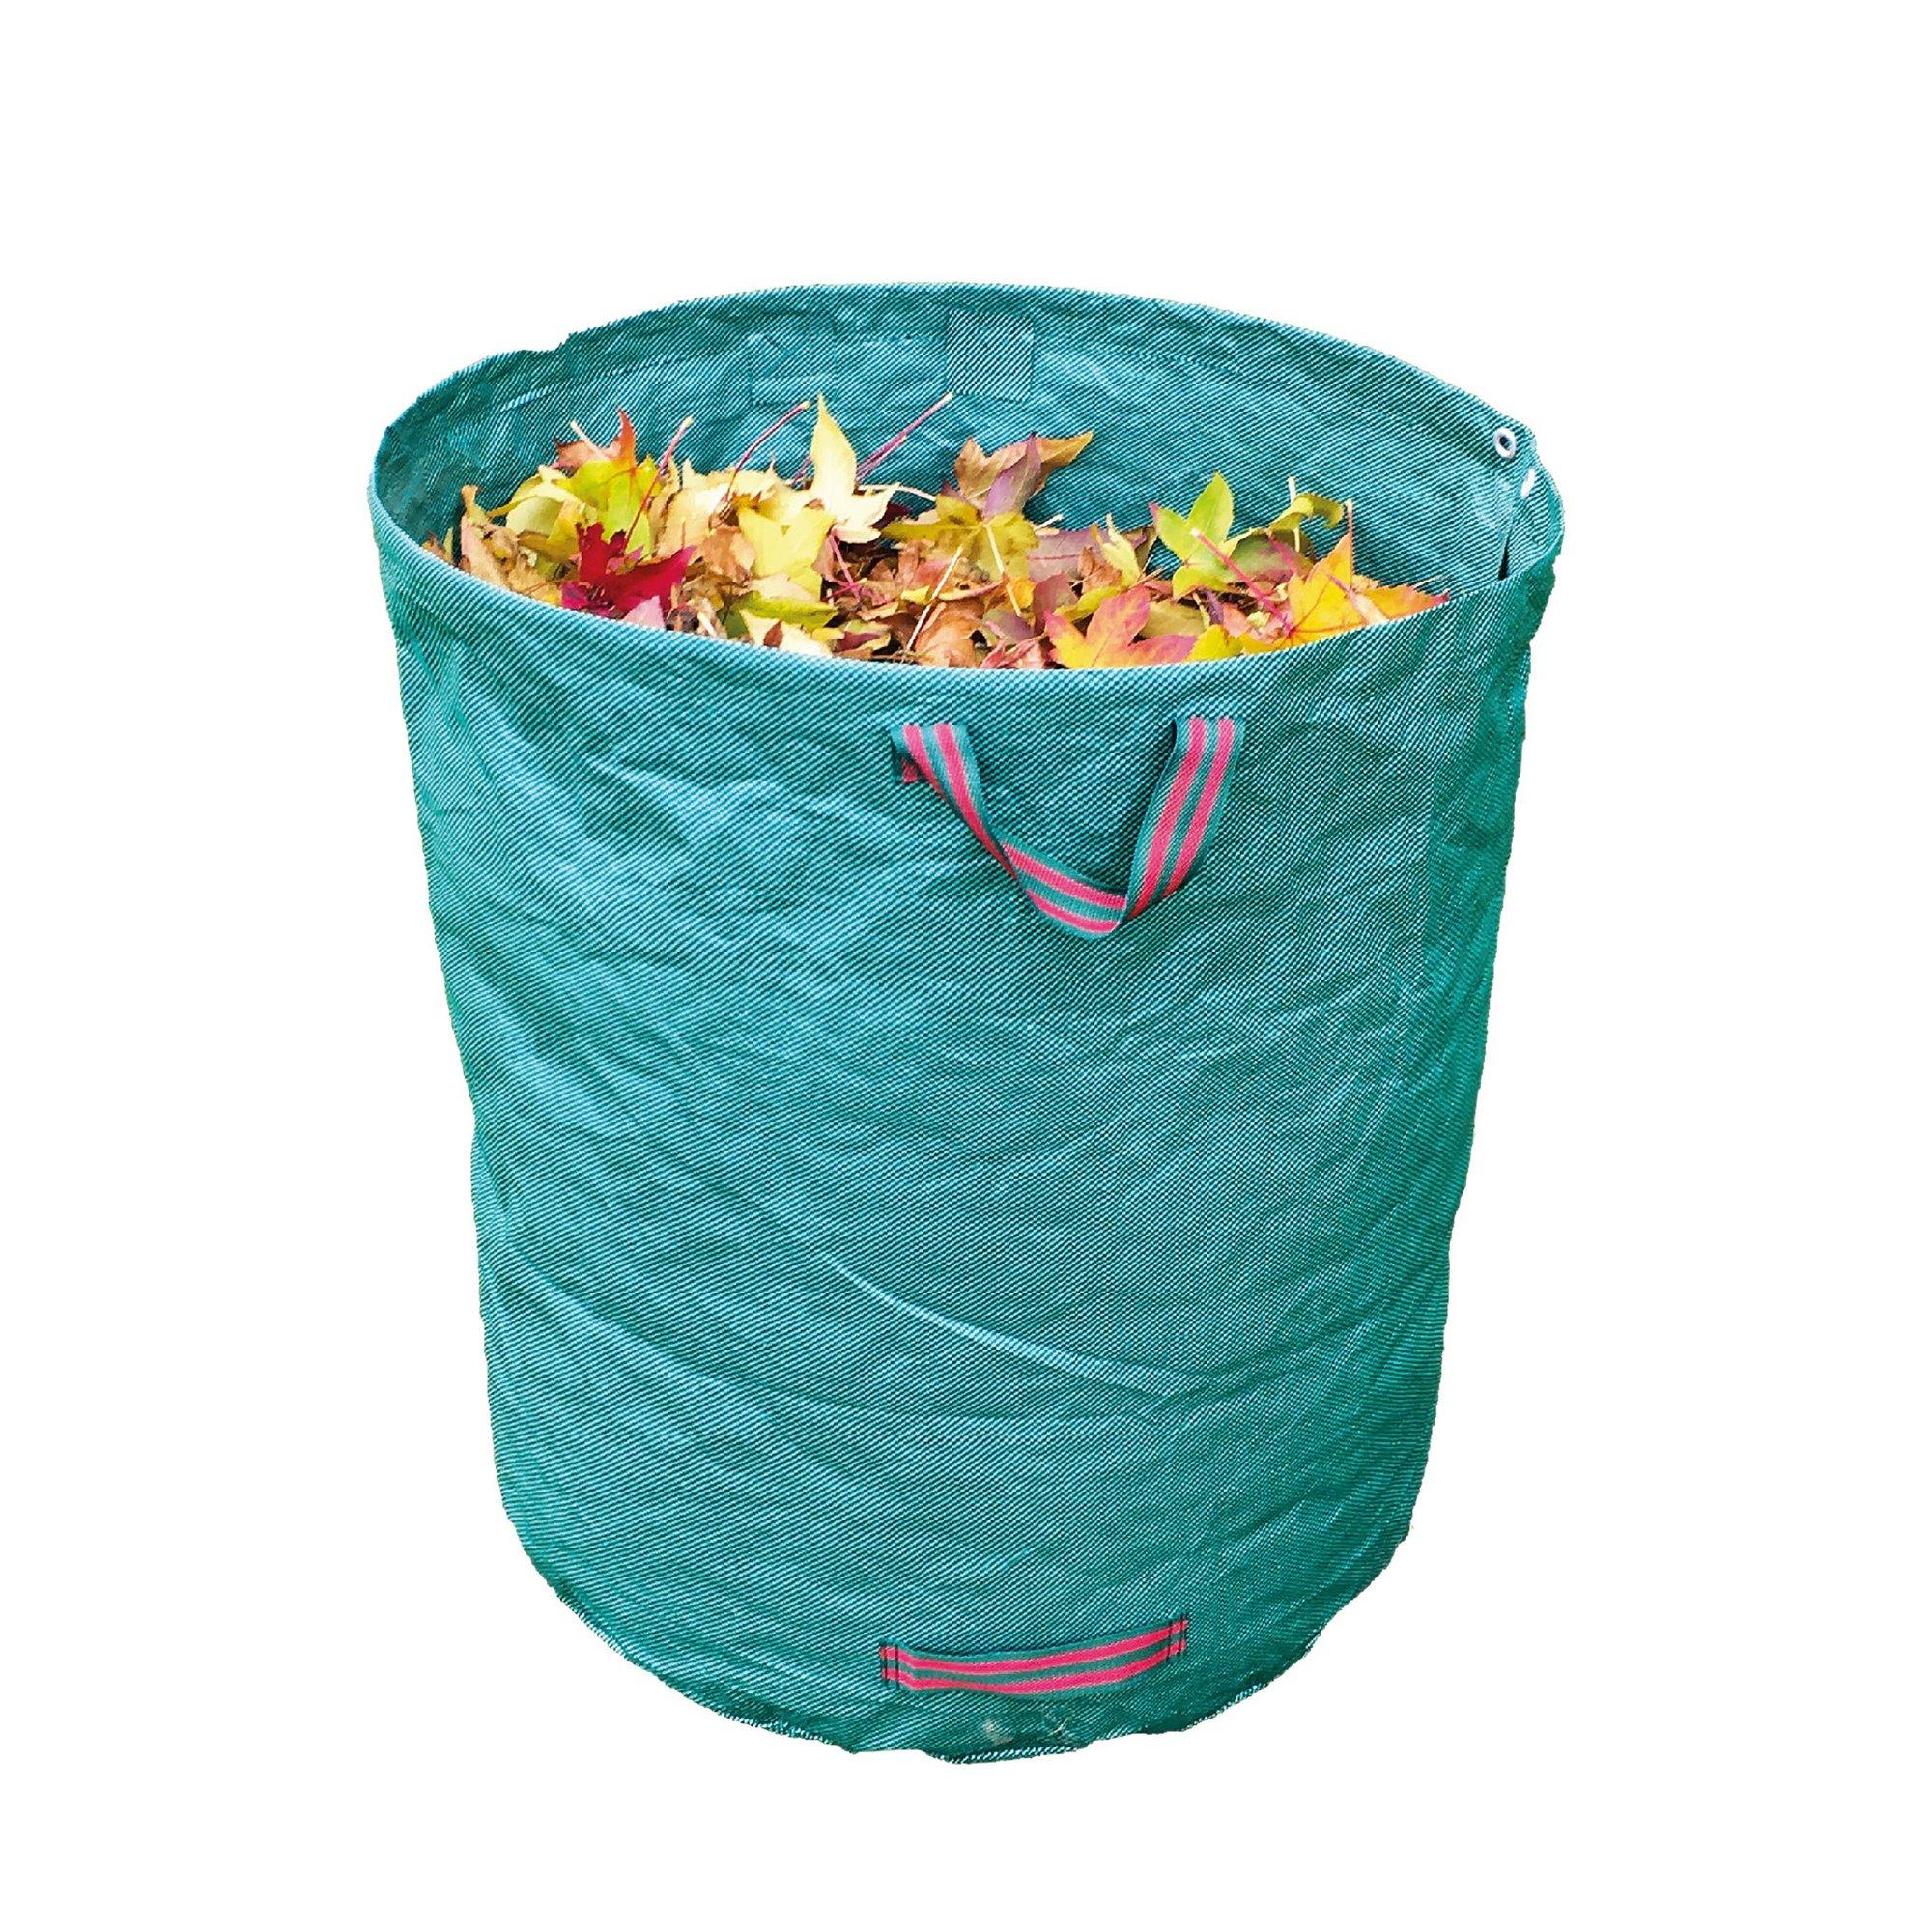 Image of 272 Litre Heavy Duty Garden Waste Bag Single